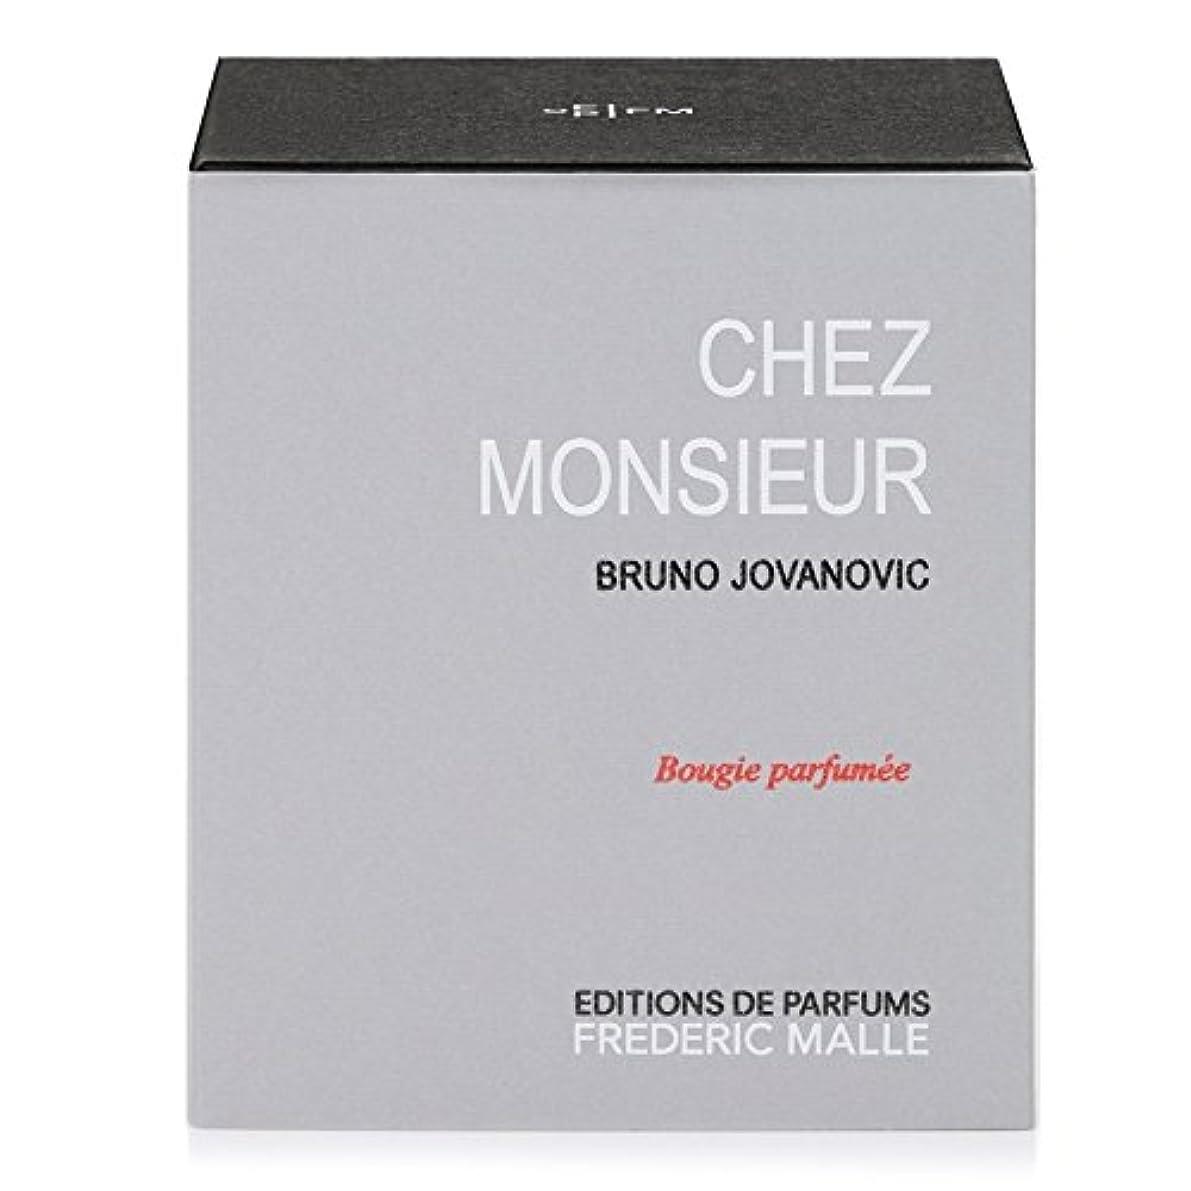 過敏な主に忘れられないFrederic Malle Chez Monsieur Scented Candle 220g (Pack of 4) - フレデリック?マルシェムッシュ香りのキャンドル220グラム x4 [並行輸入品]